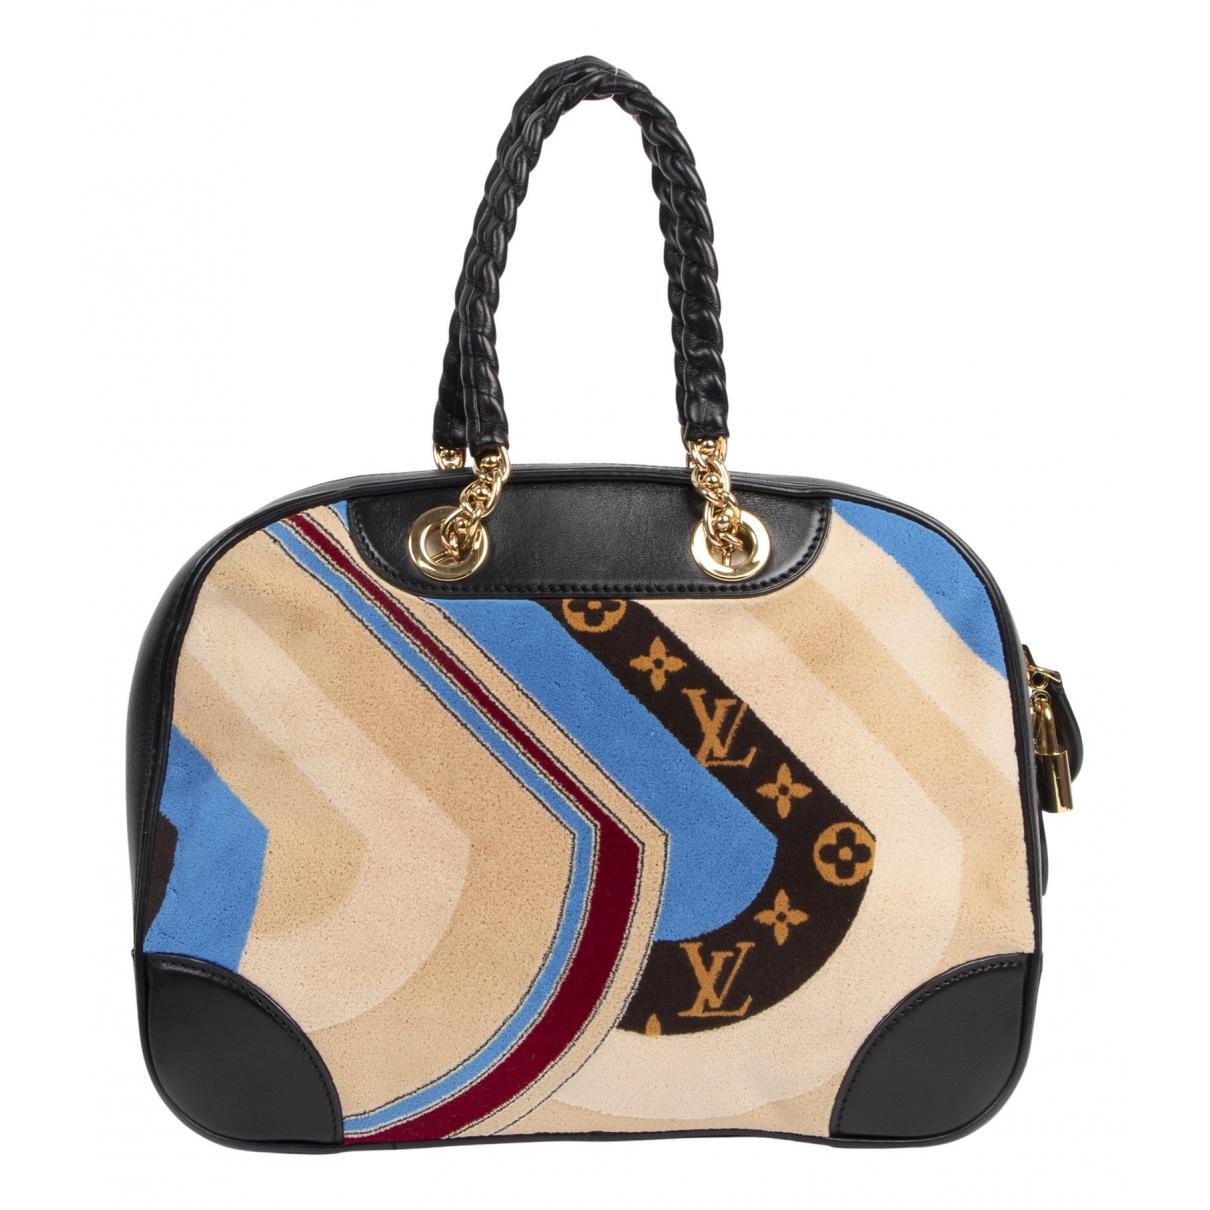 Louis Vuitton - Sac a main   pour femme en velours - multicolore